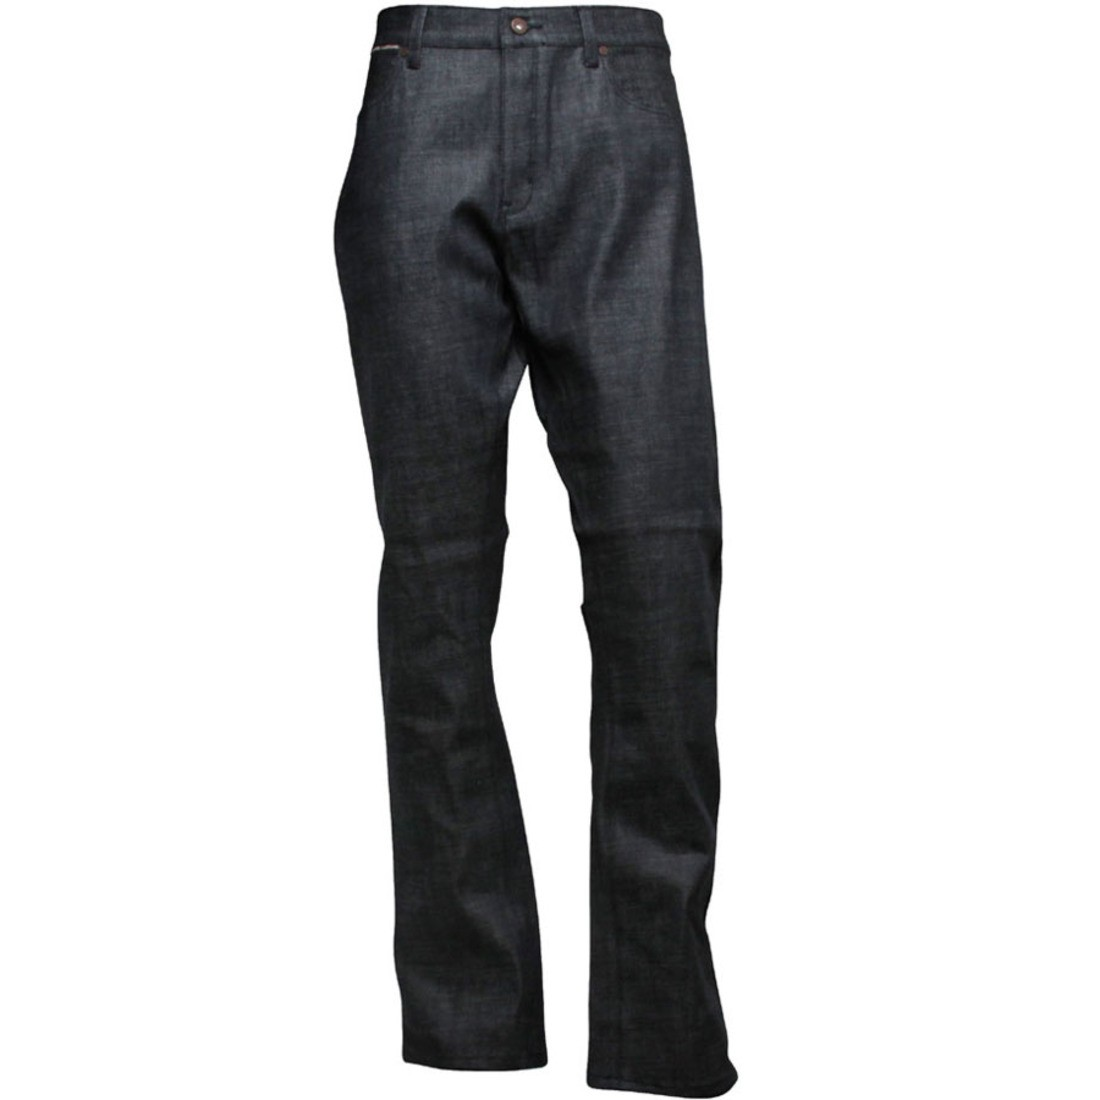 【海外限定】メンズファッション パンツ 【 KR3W X CROOKS AND CASTLES KLASSICS JEAN RAW SELVEDGE BLUE 】